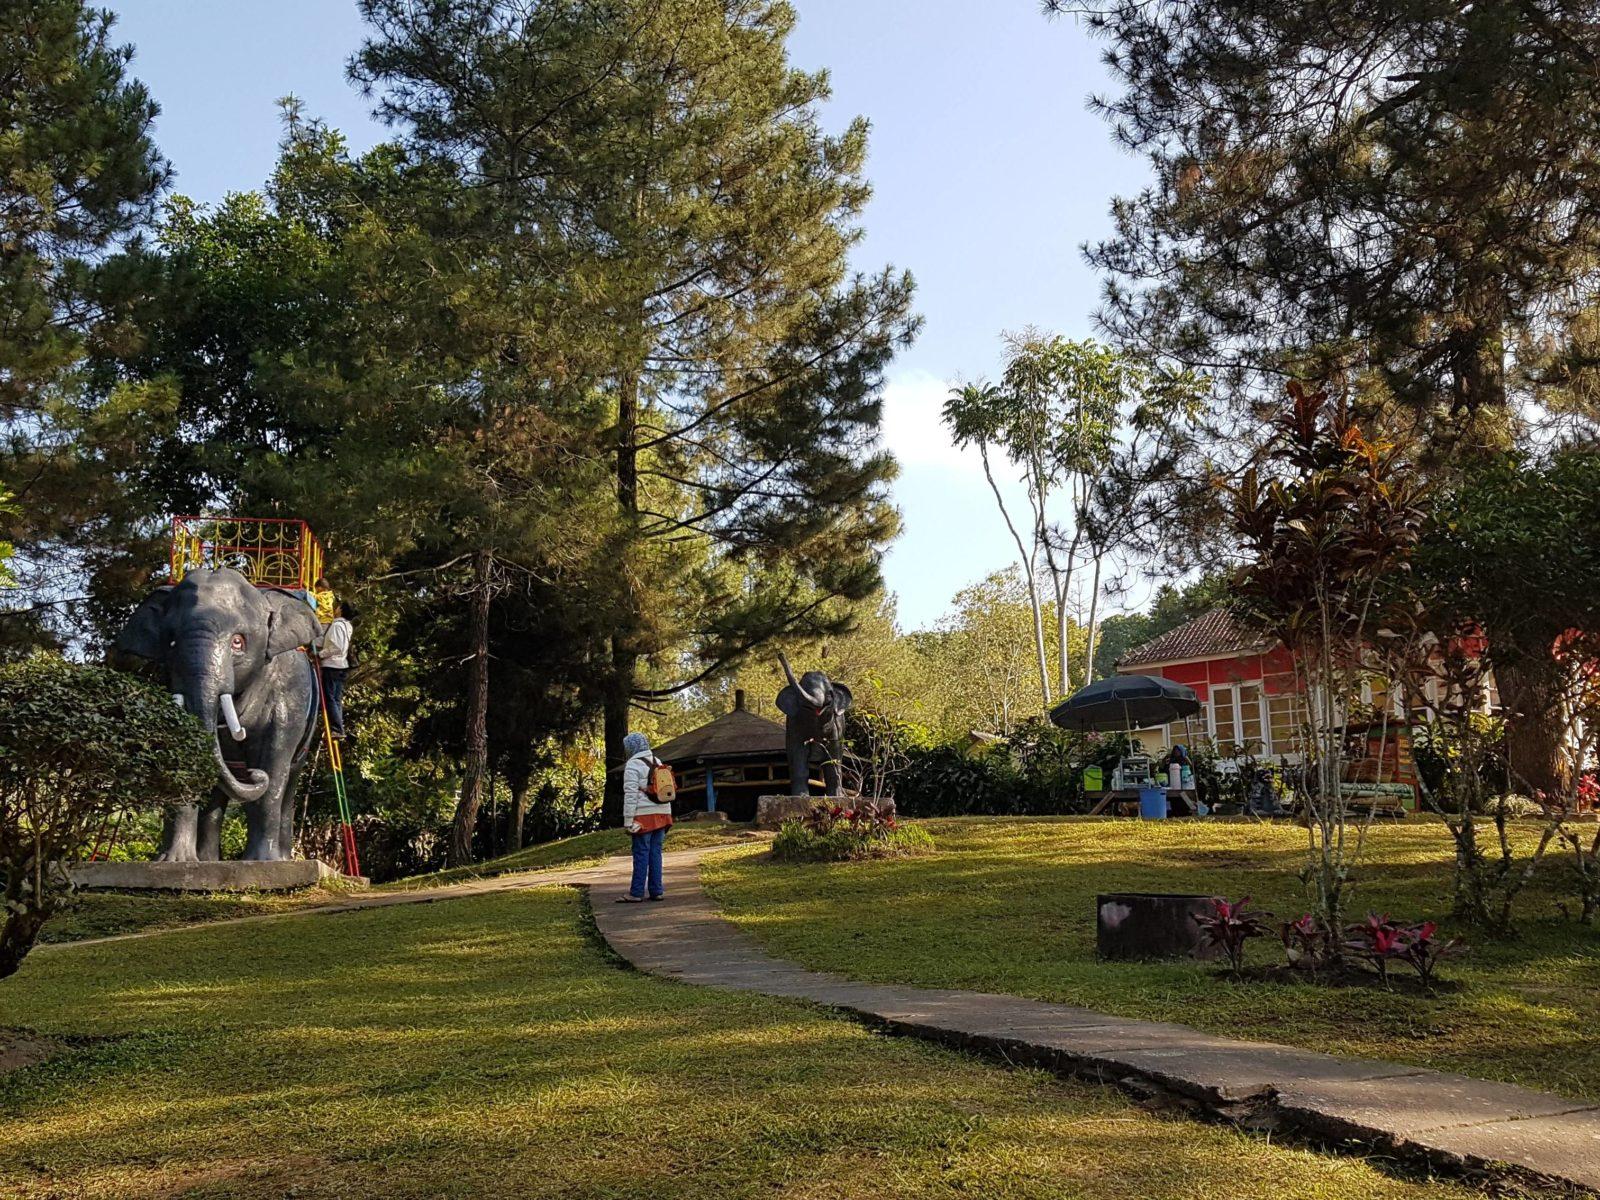 Taman Wisata Kaliurang Tiket & Aktivitas November 10 - TravelsPromo